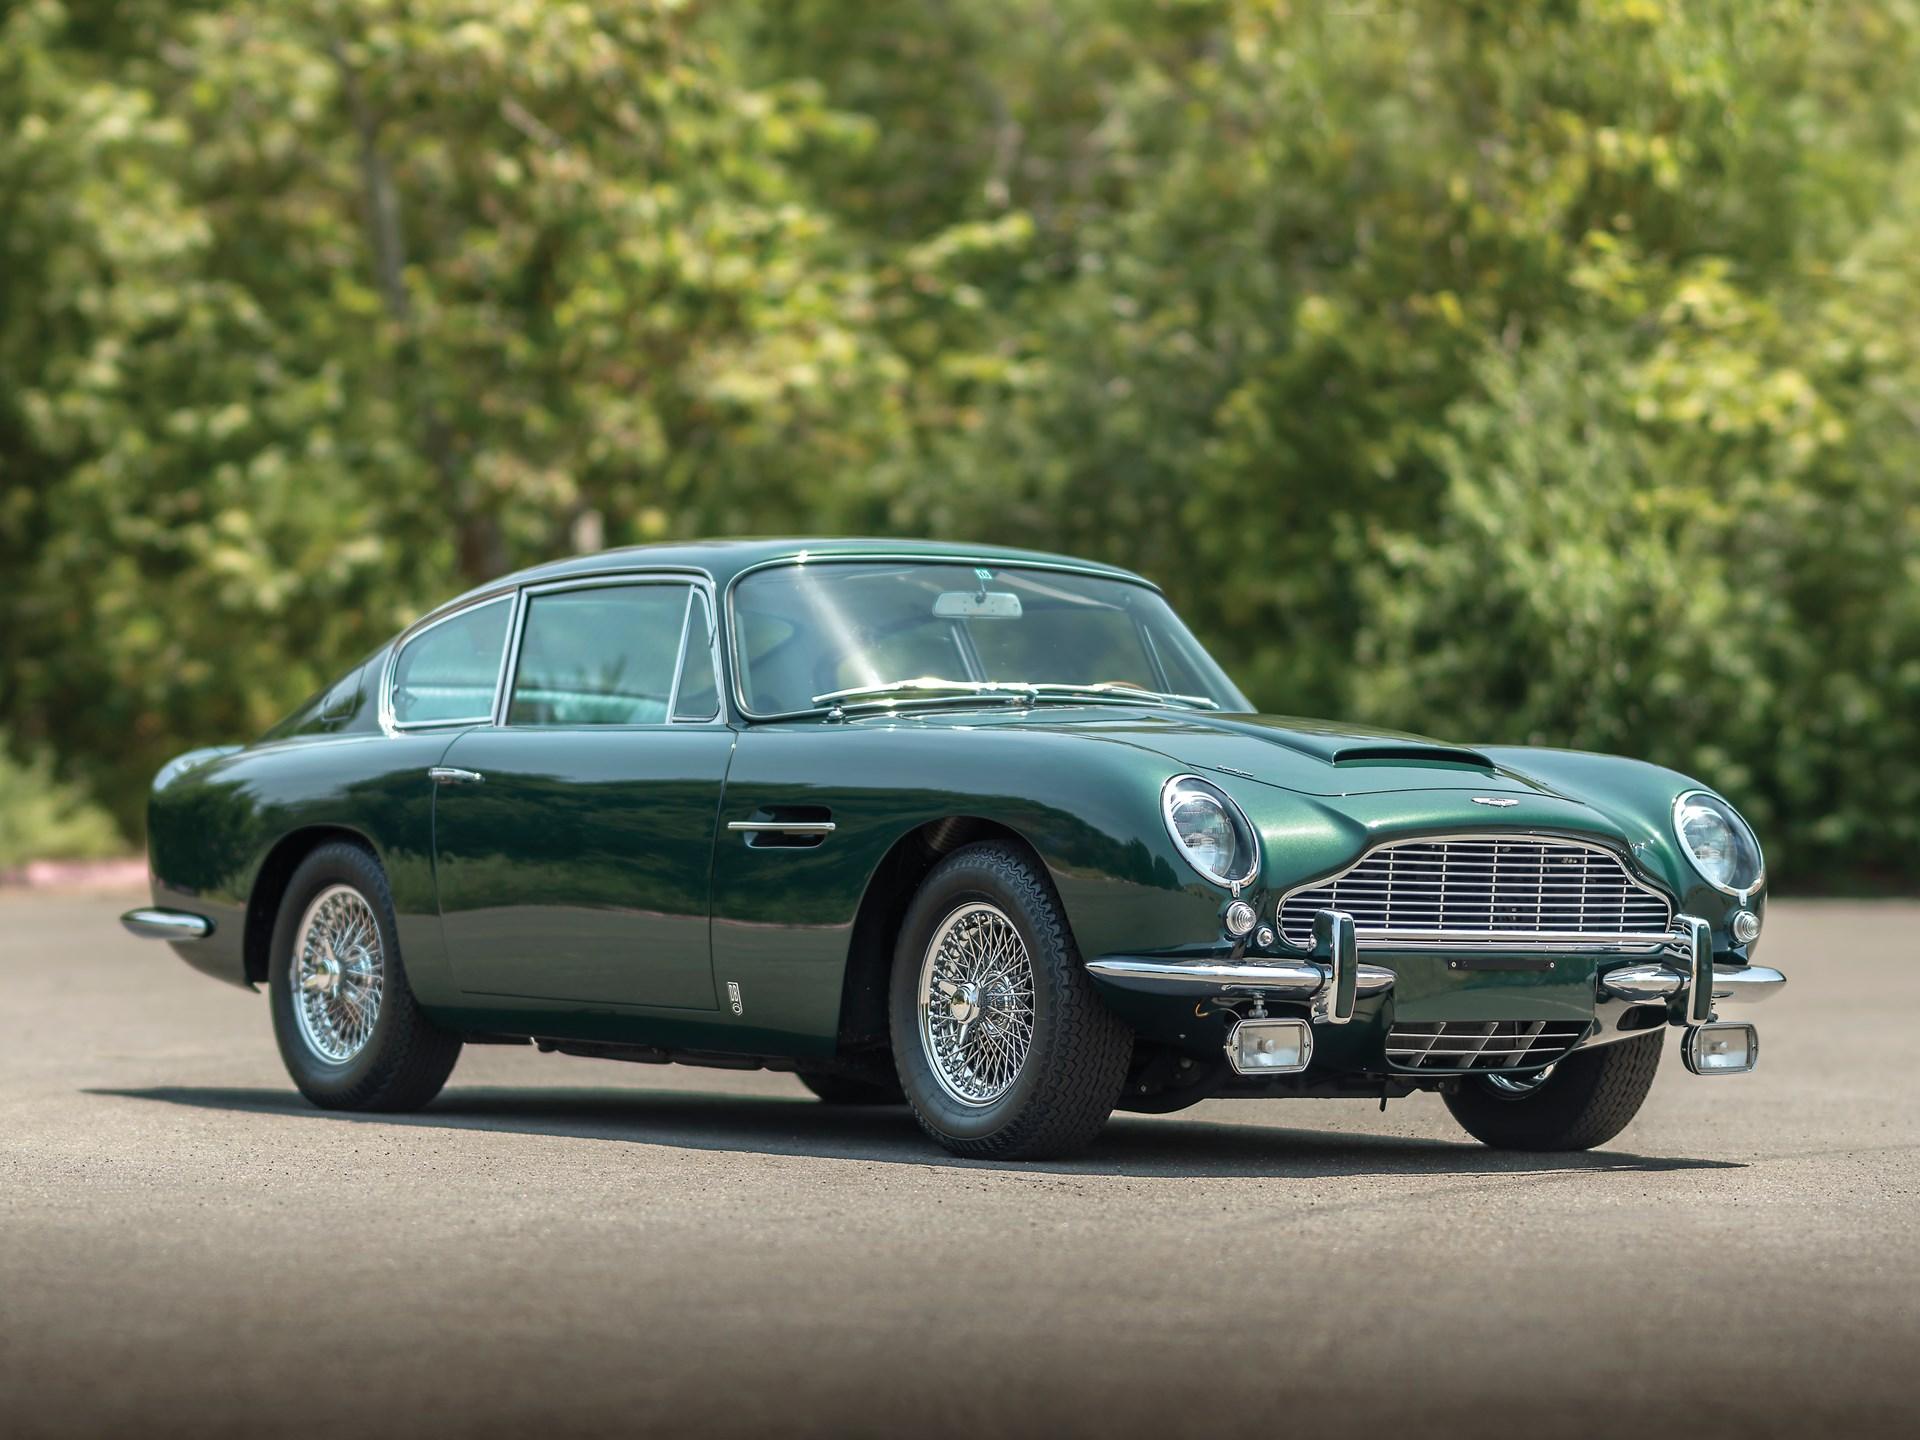 Aston Martin DB6 ile ilgili görsel sonucu